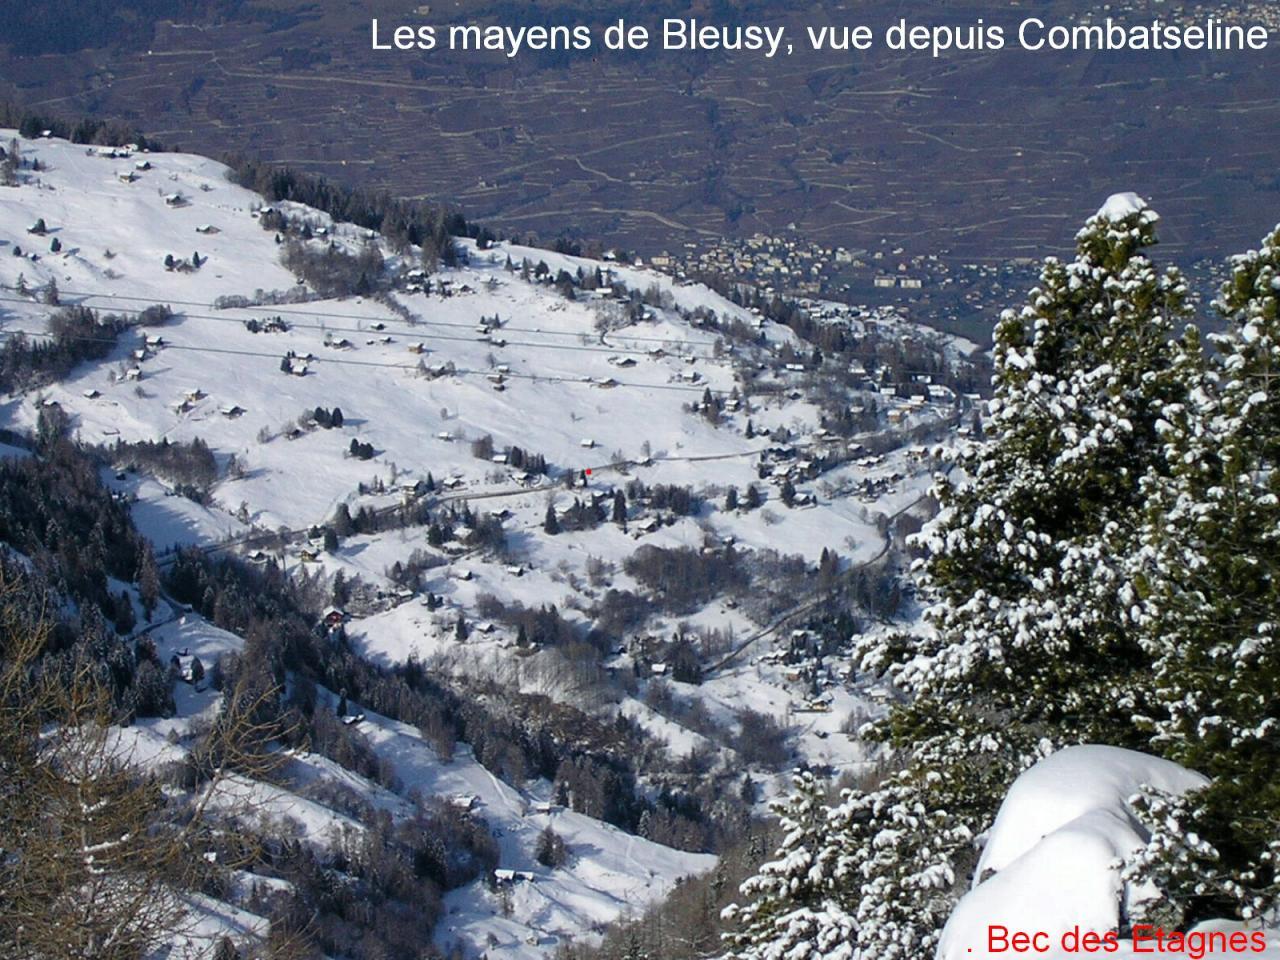 Bec des Etagnes (roter Punkt) von Combatseline .